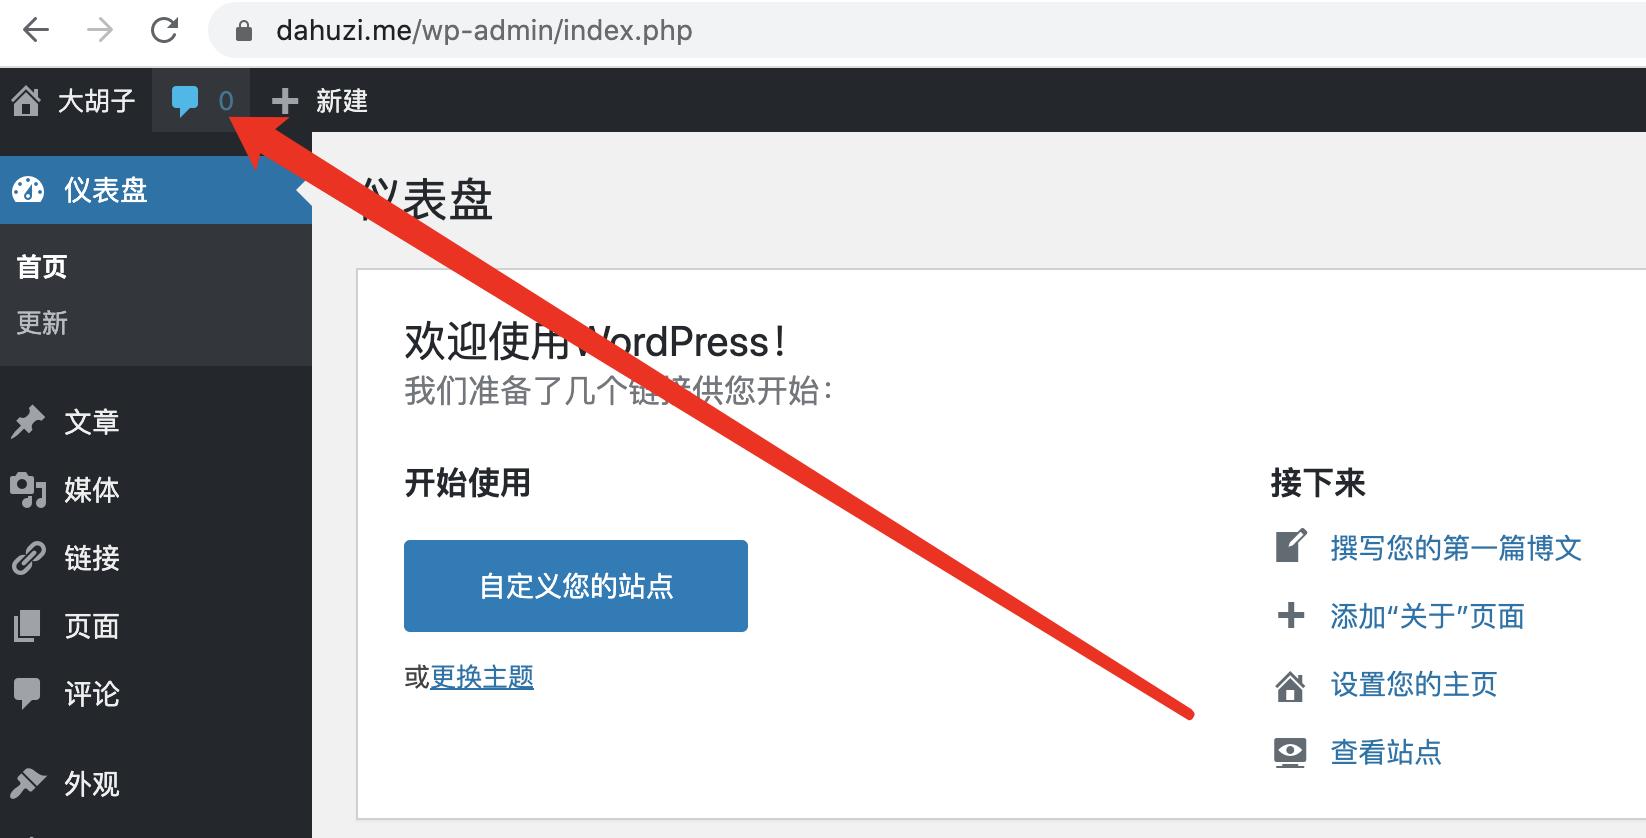 做了一个彻底移除WordPress评论功能的插件